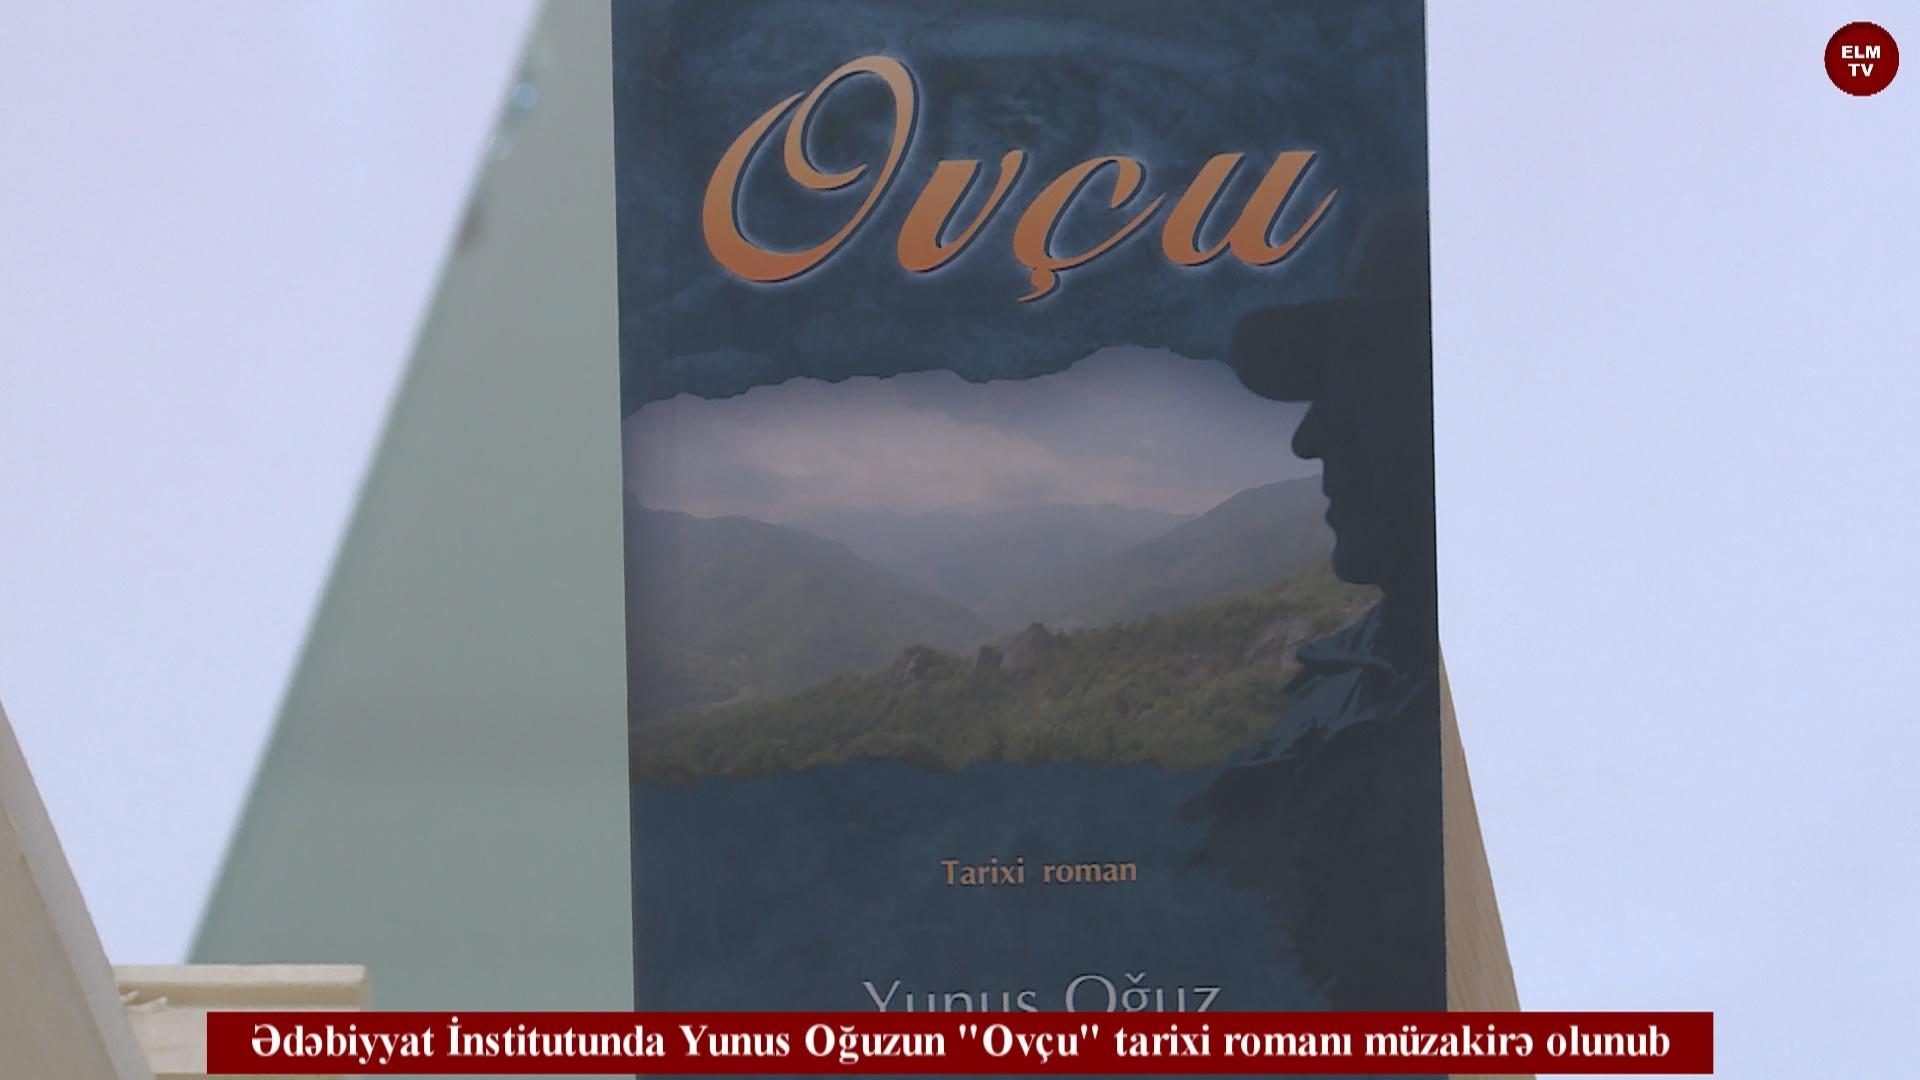 """Ədəbiyyat İnstitutunda Yunus Oğuzun """"Ovçu"""" tarixi romanı müzakirə olunub"""